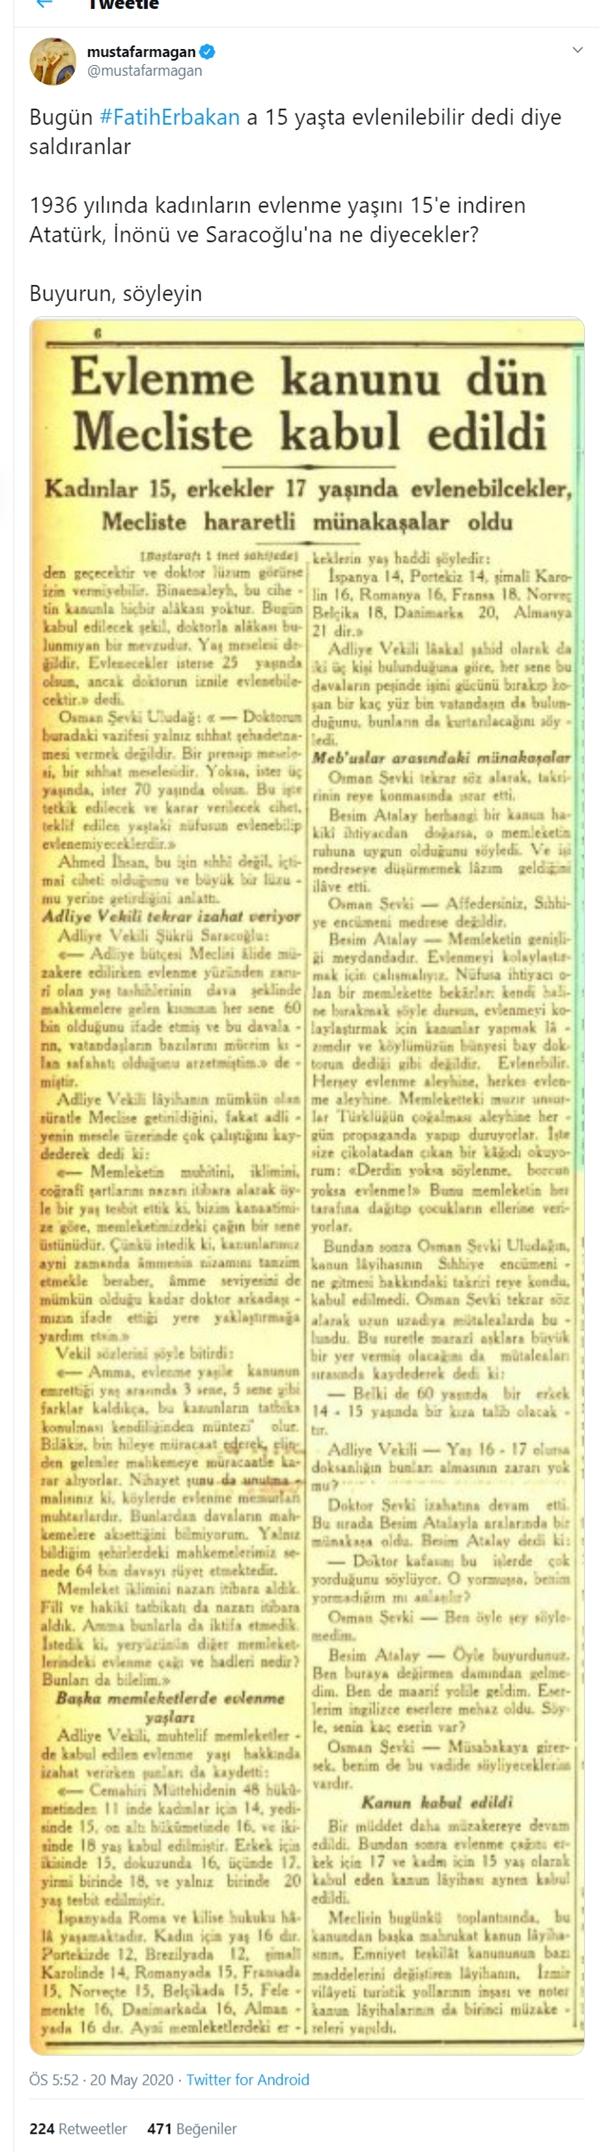 1936'da M. Kemal, İsmet İnönü ve Şükrü Saraçoğlu tarafından çıkarılan yasayla evlilik yaşı 15'e indirilmiş olduğunu hatırlatan Mustafa Armağan